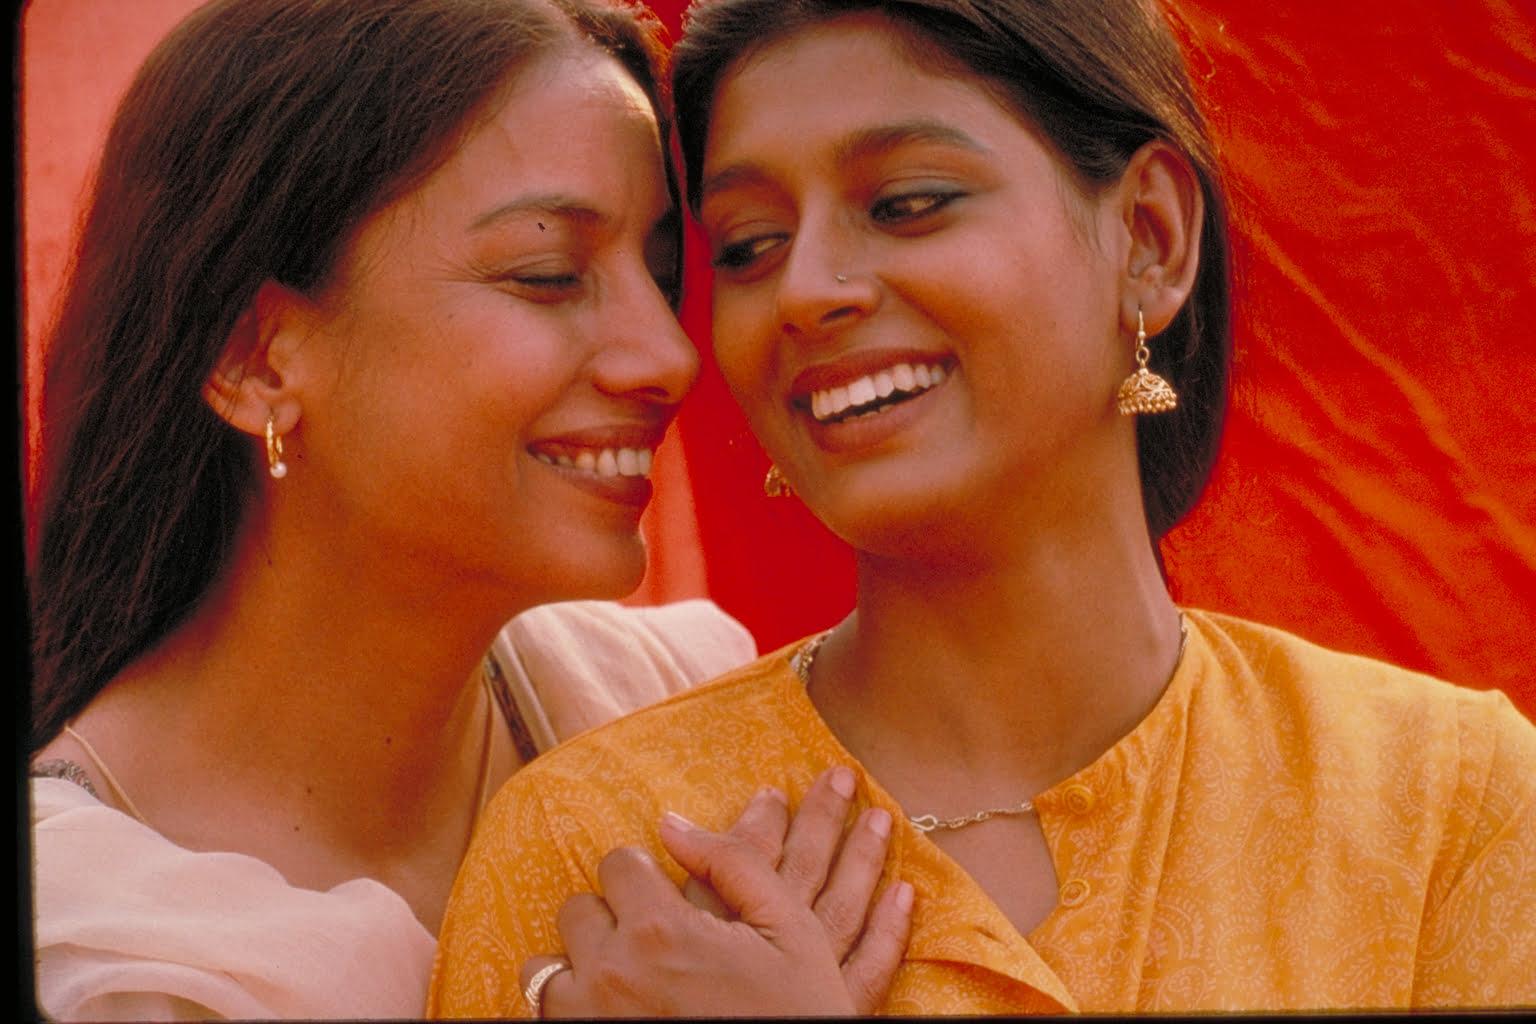 फ़ायर : पितृसत्ता को चुनौती देती और समलैंगिक रिश्तों पर आधारित भारतीय फ़िल्म